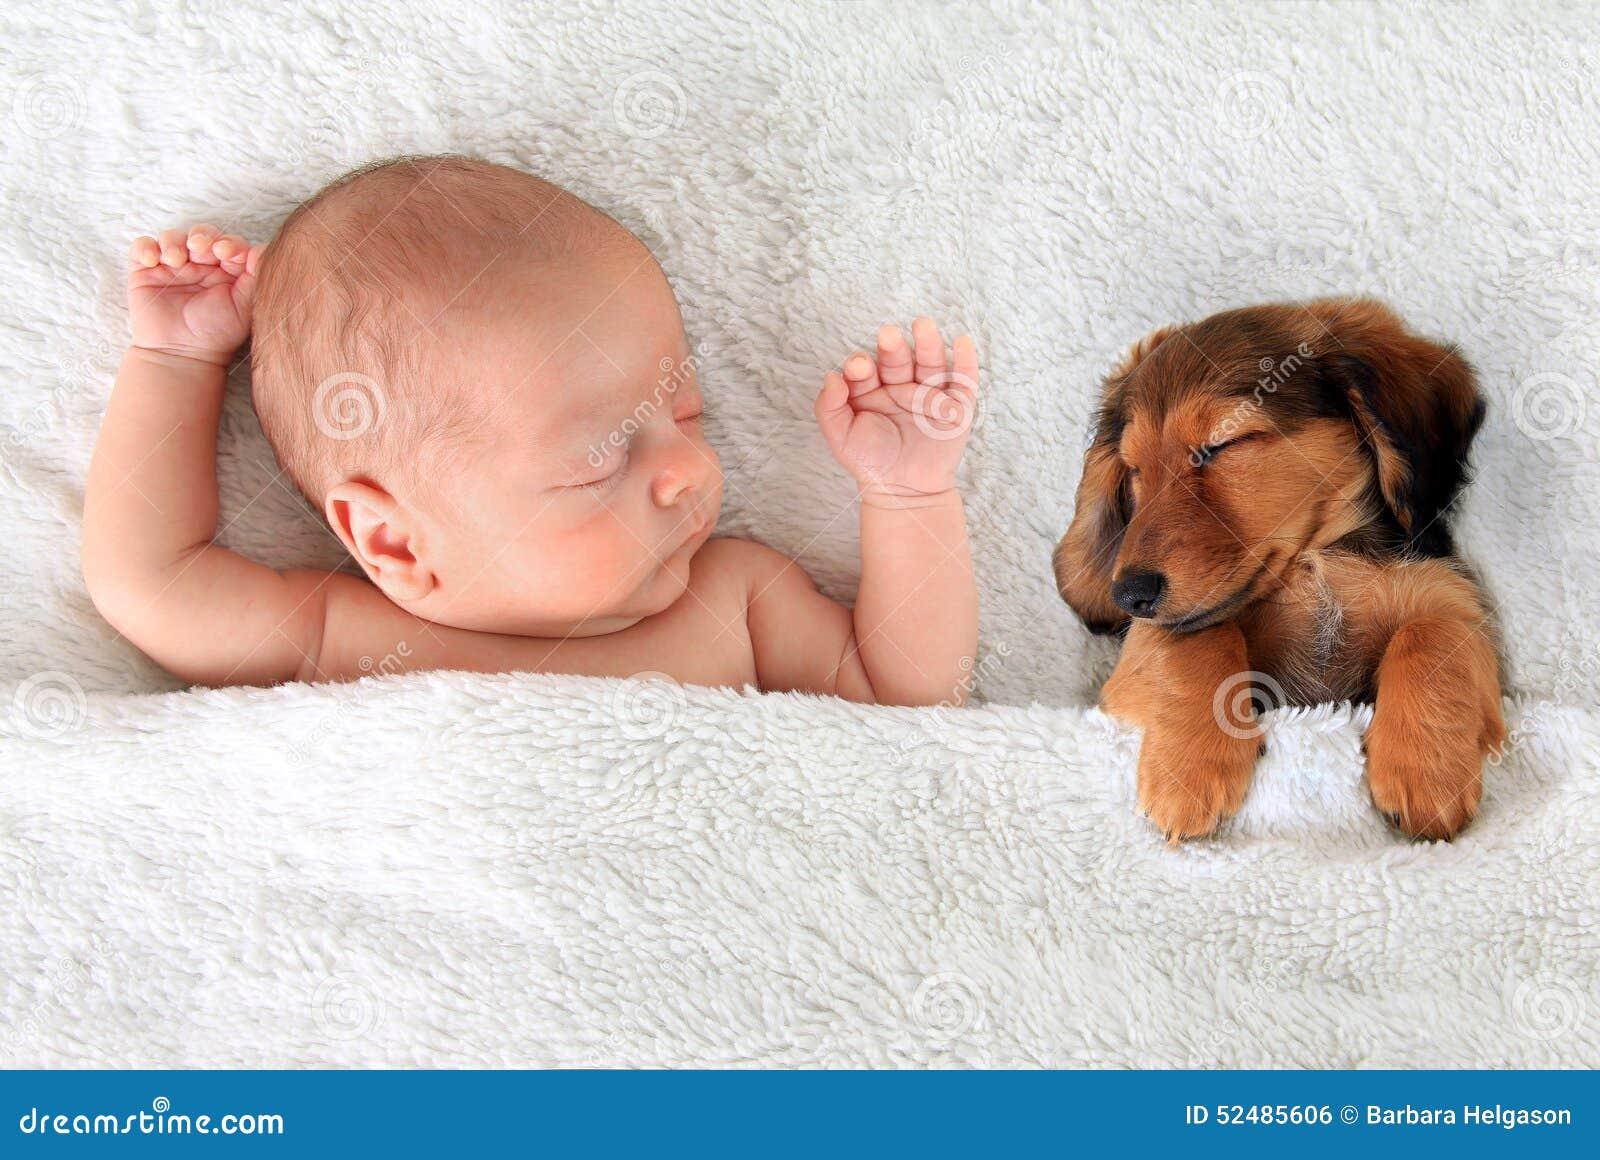 Μωρό και κουτάβι ύπνου